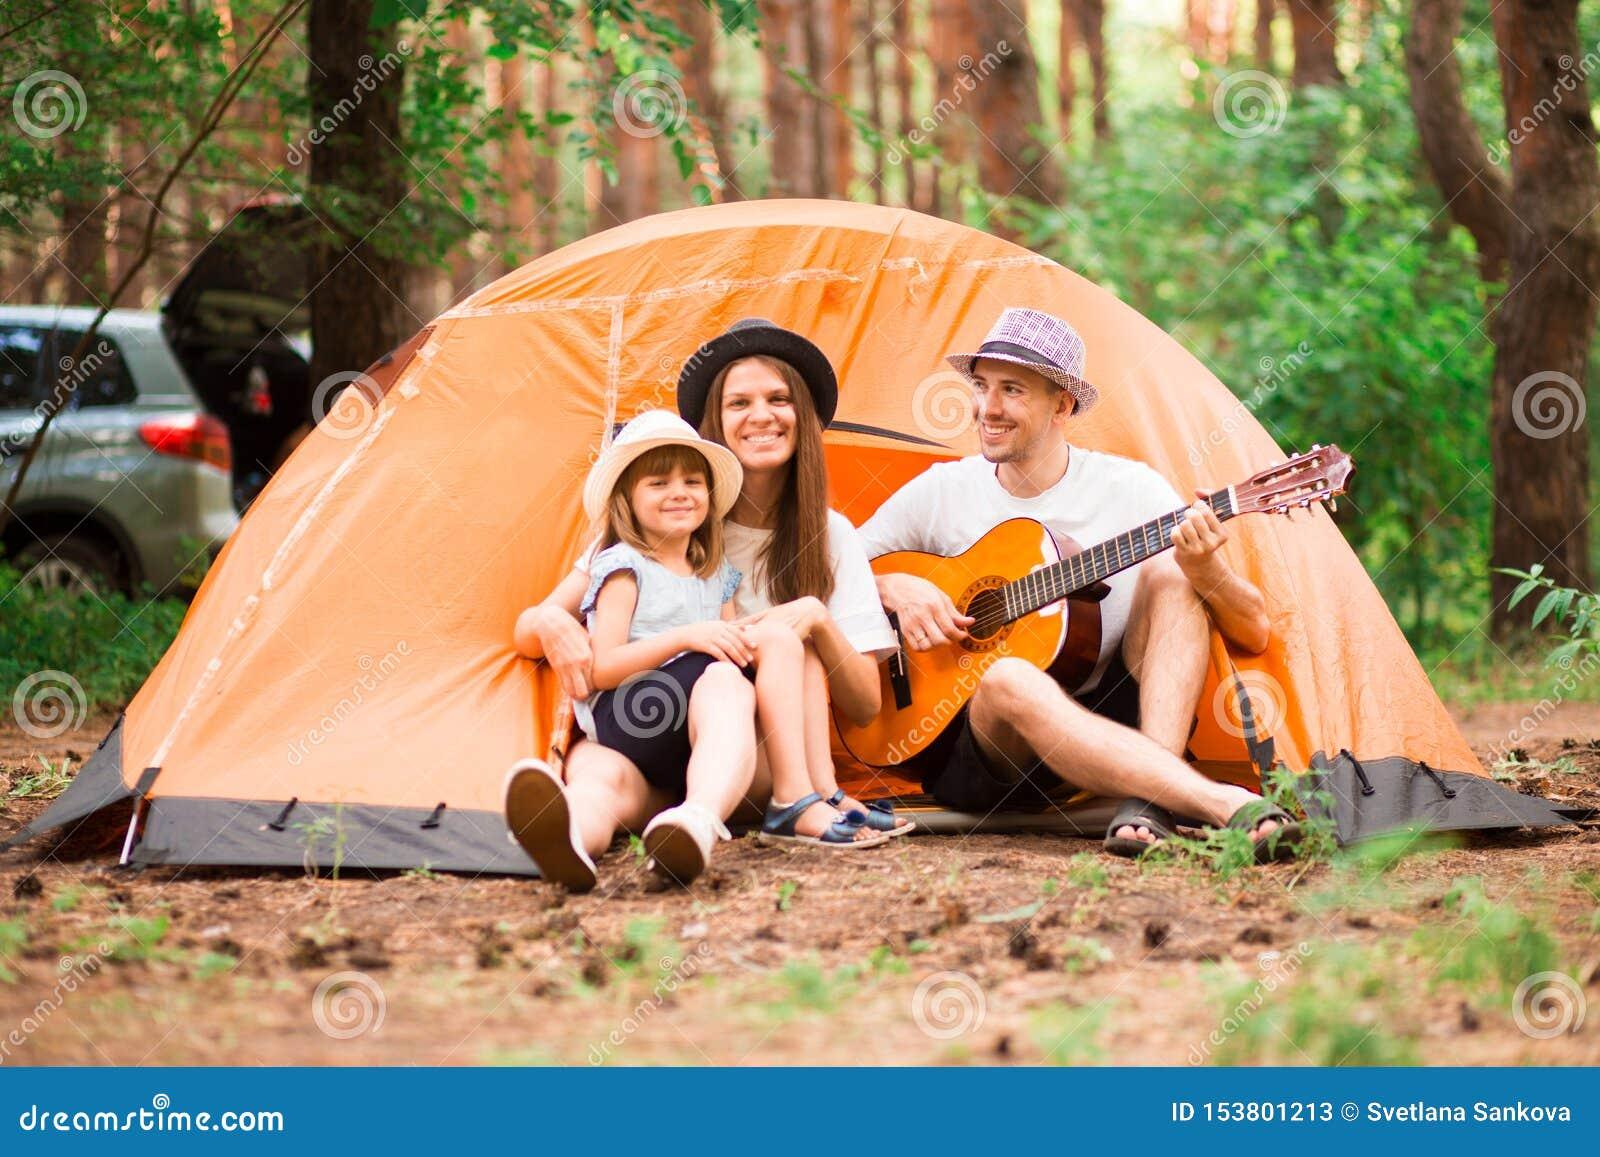 Gelukkige familie die in bos, het spelen gitaar en het zingen lied samen voor tent kamperen Concept familie